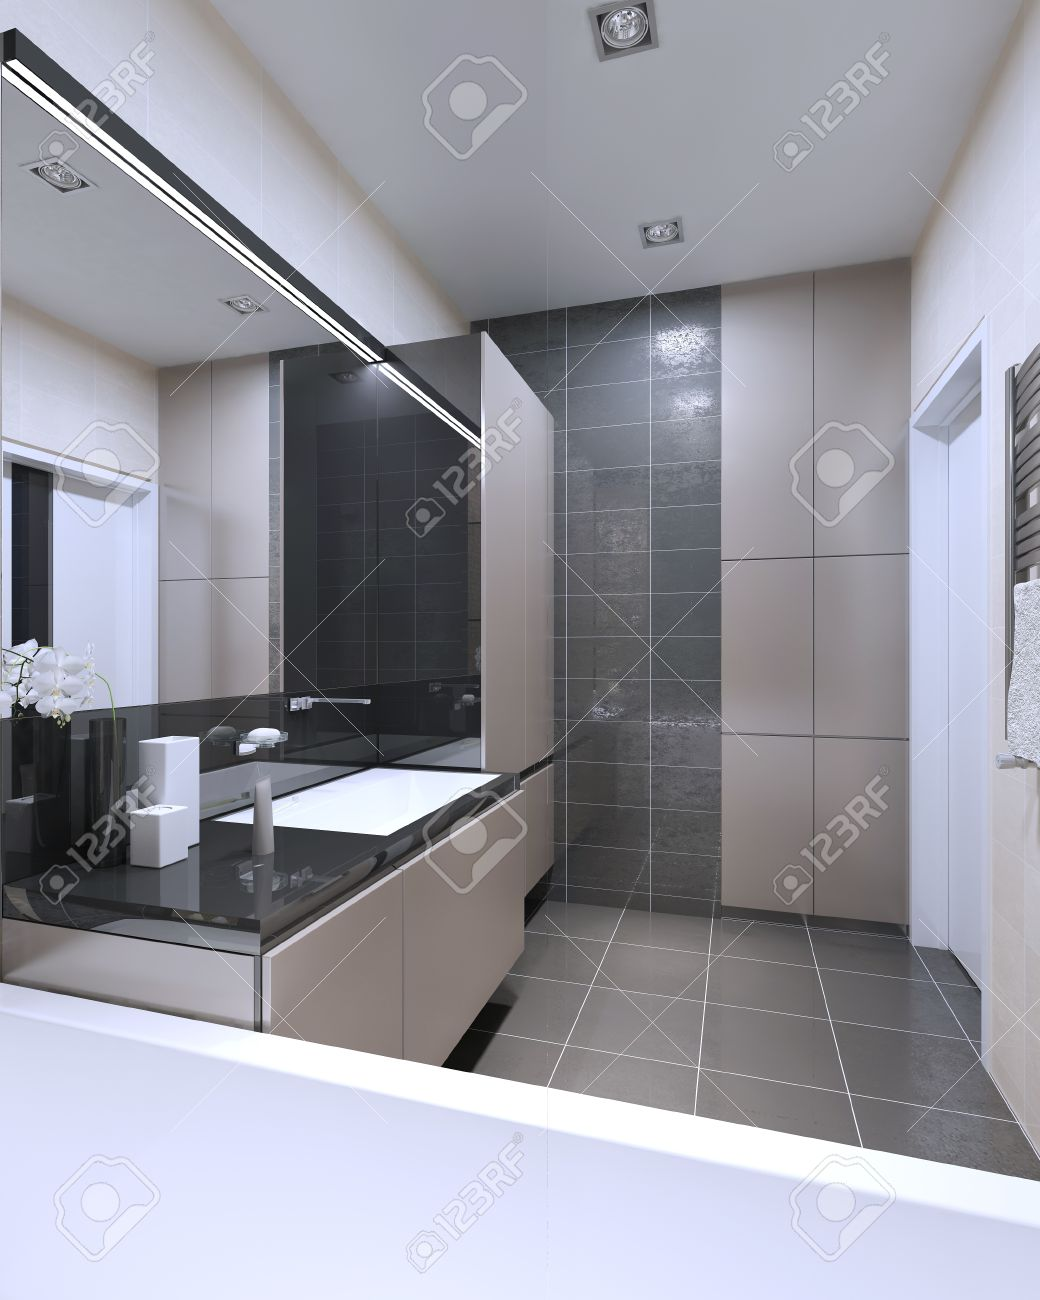 Idée de salle de bains avec des murs mixtes. intérieur high-tech de l\'un de  l\'intérieur la plus contrastée de la salle de bains, où utilise des ...